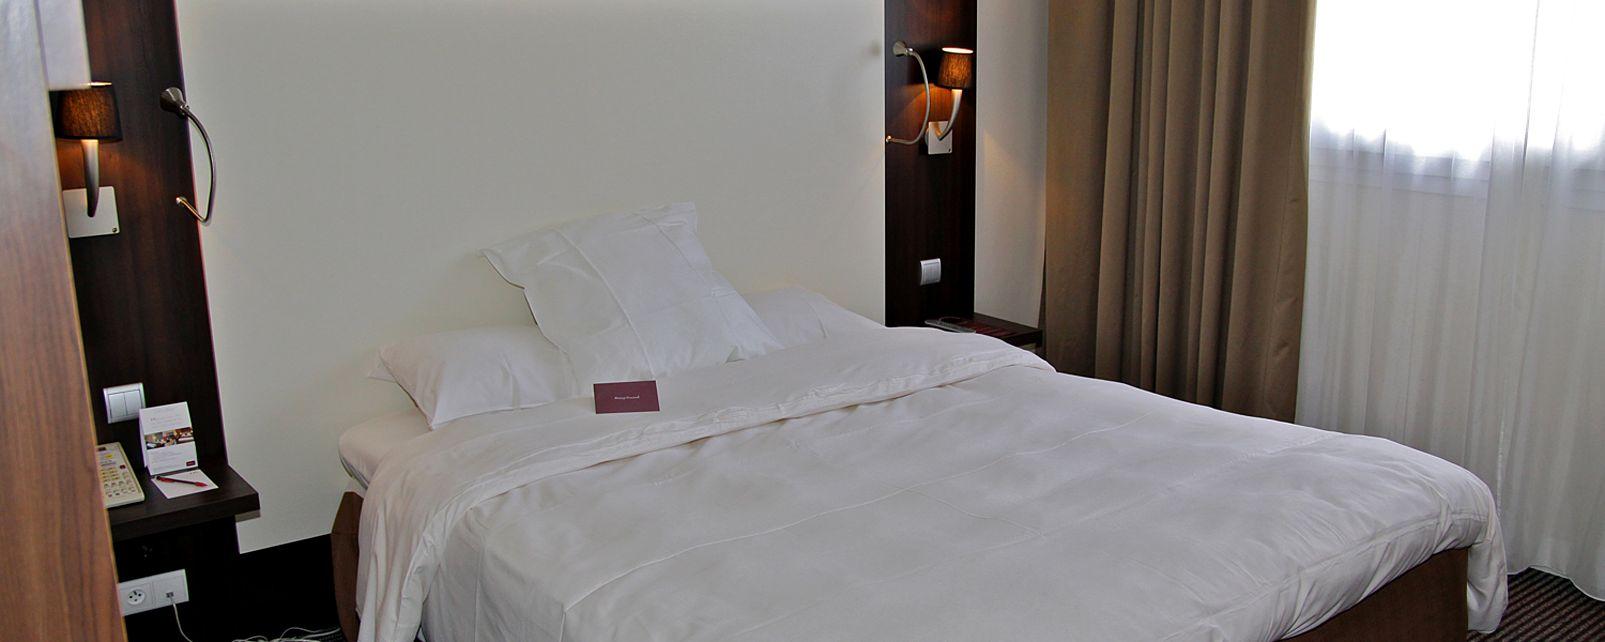 hotel mercure porte d orleans in